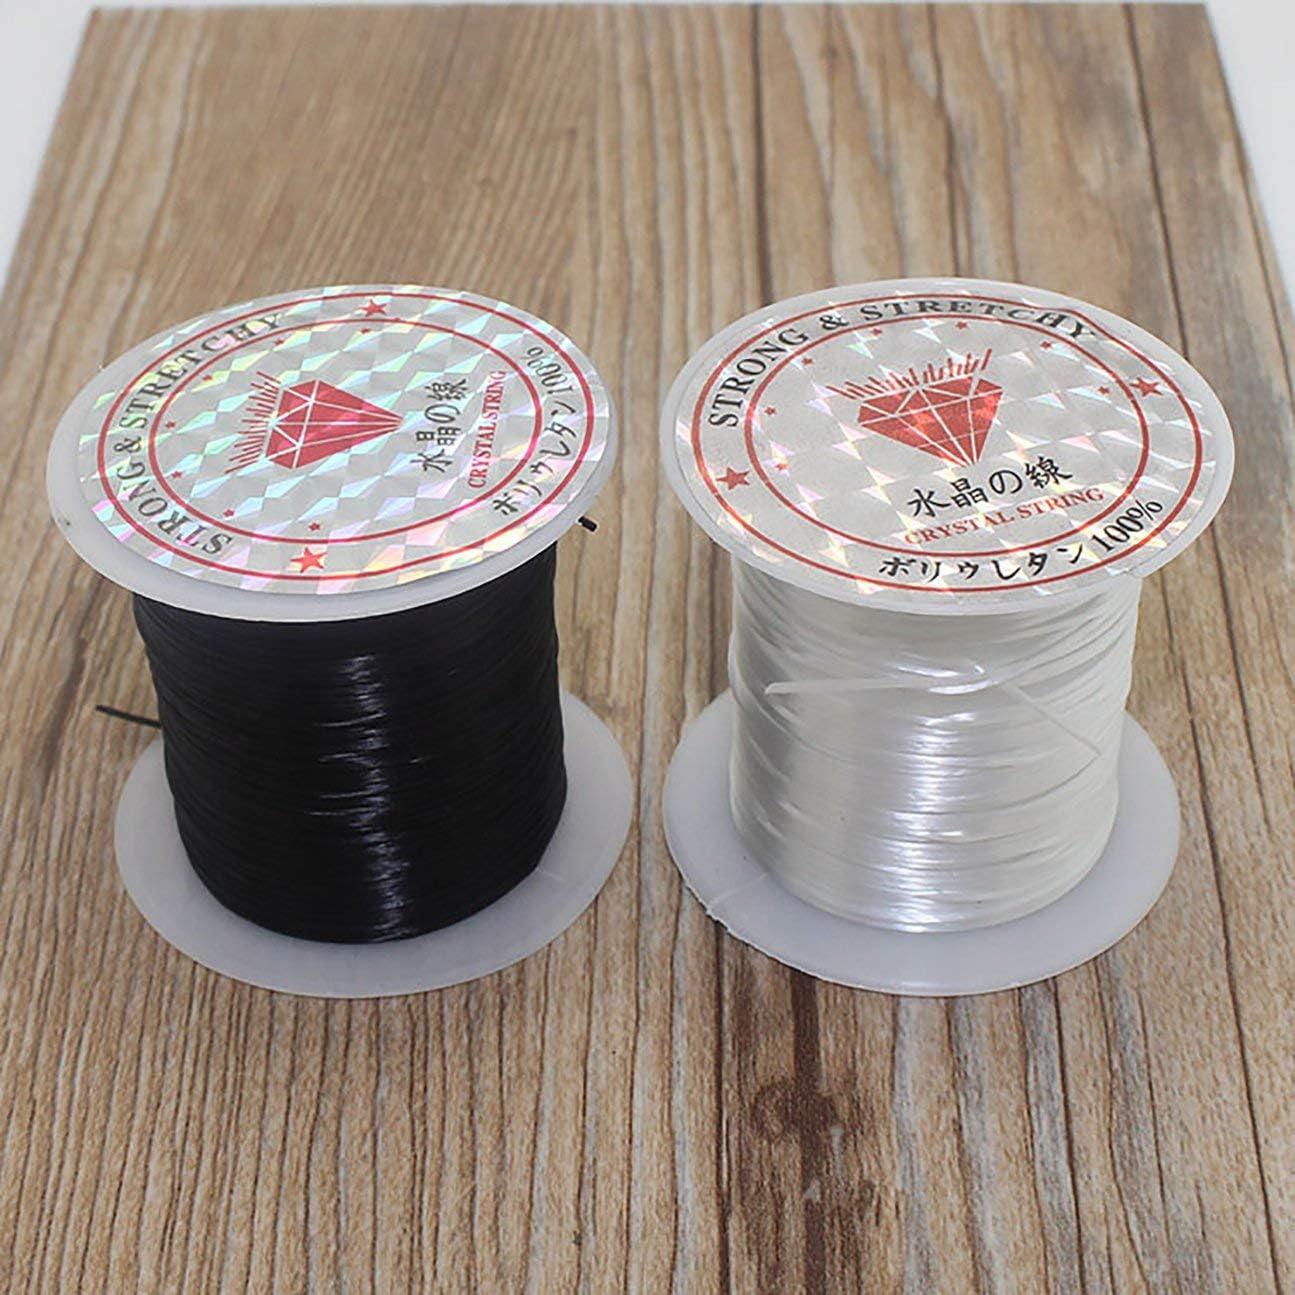 couleur: noir MachinYesell 40 m 43 verges plat /élastique cristal Stretch String cordon en polyester pour la fabrication de bijoux Bracelet perles fil artisanat accessoires